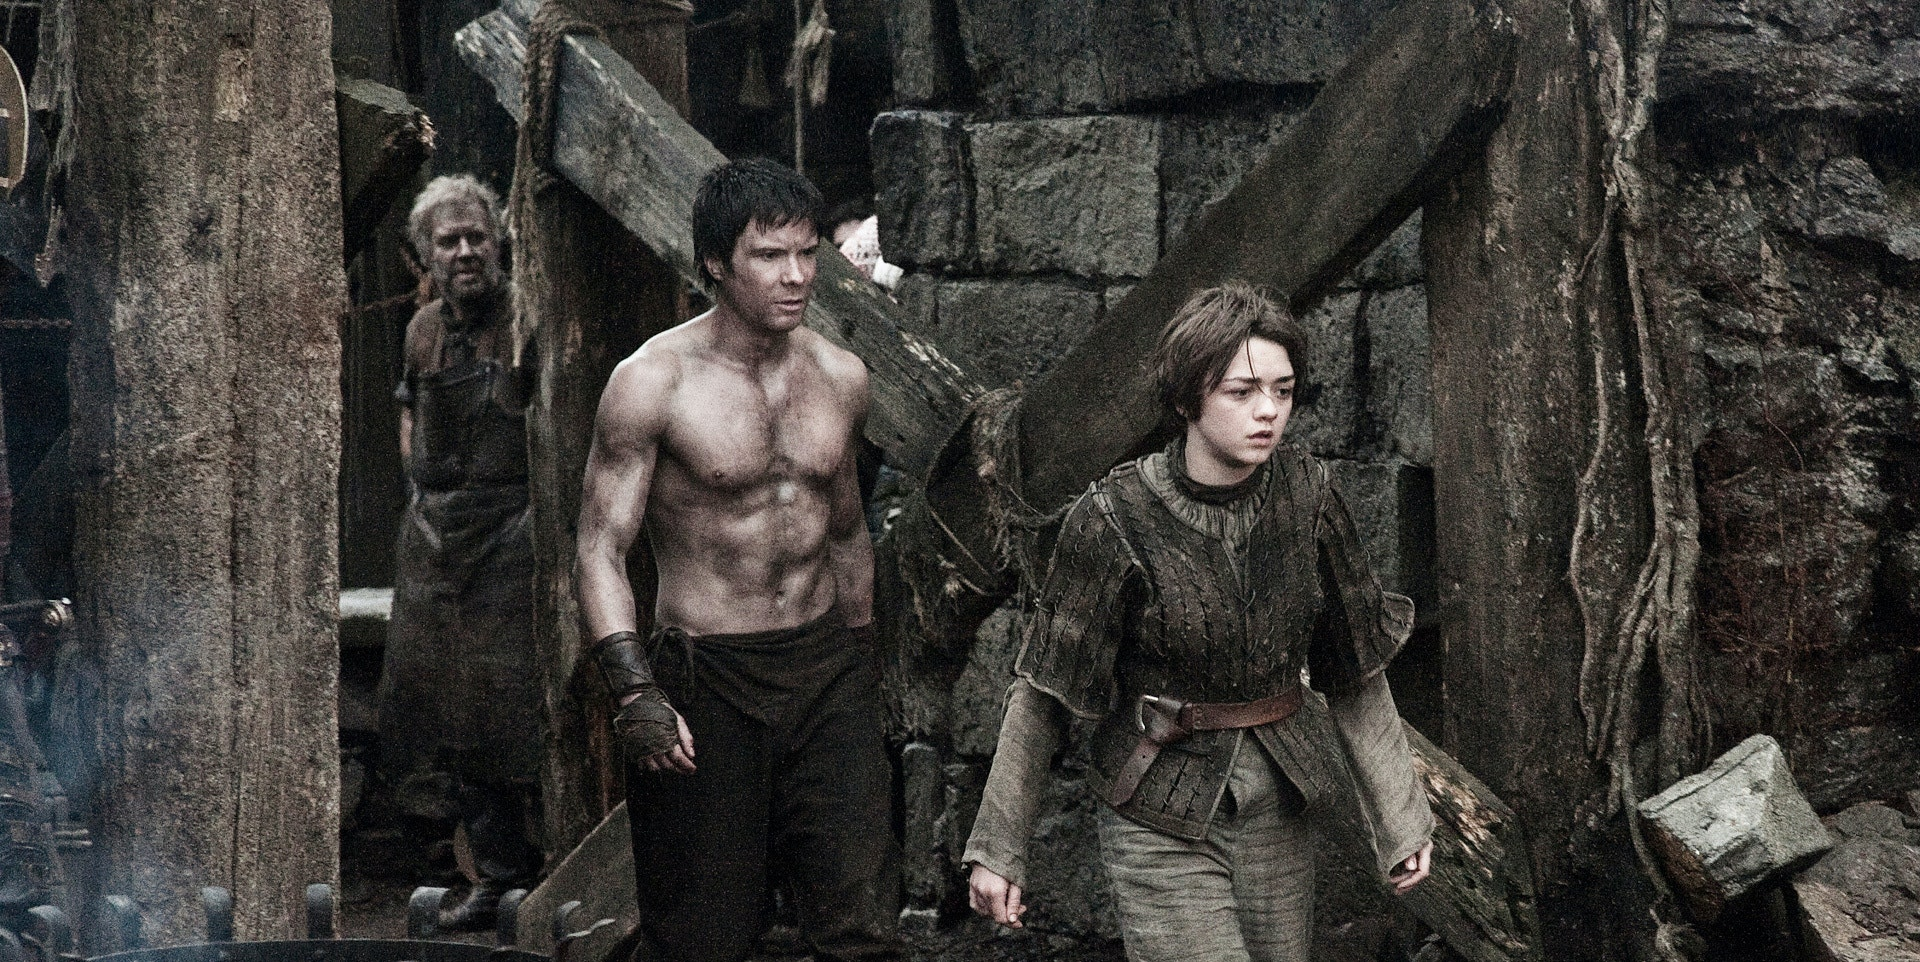 Arya and Gendry